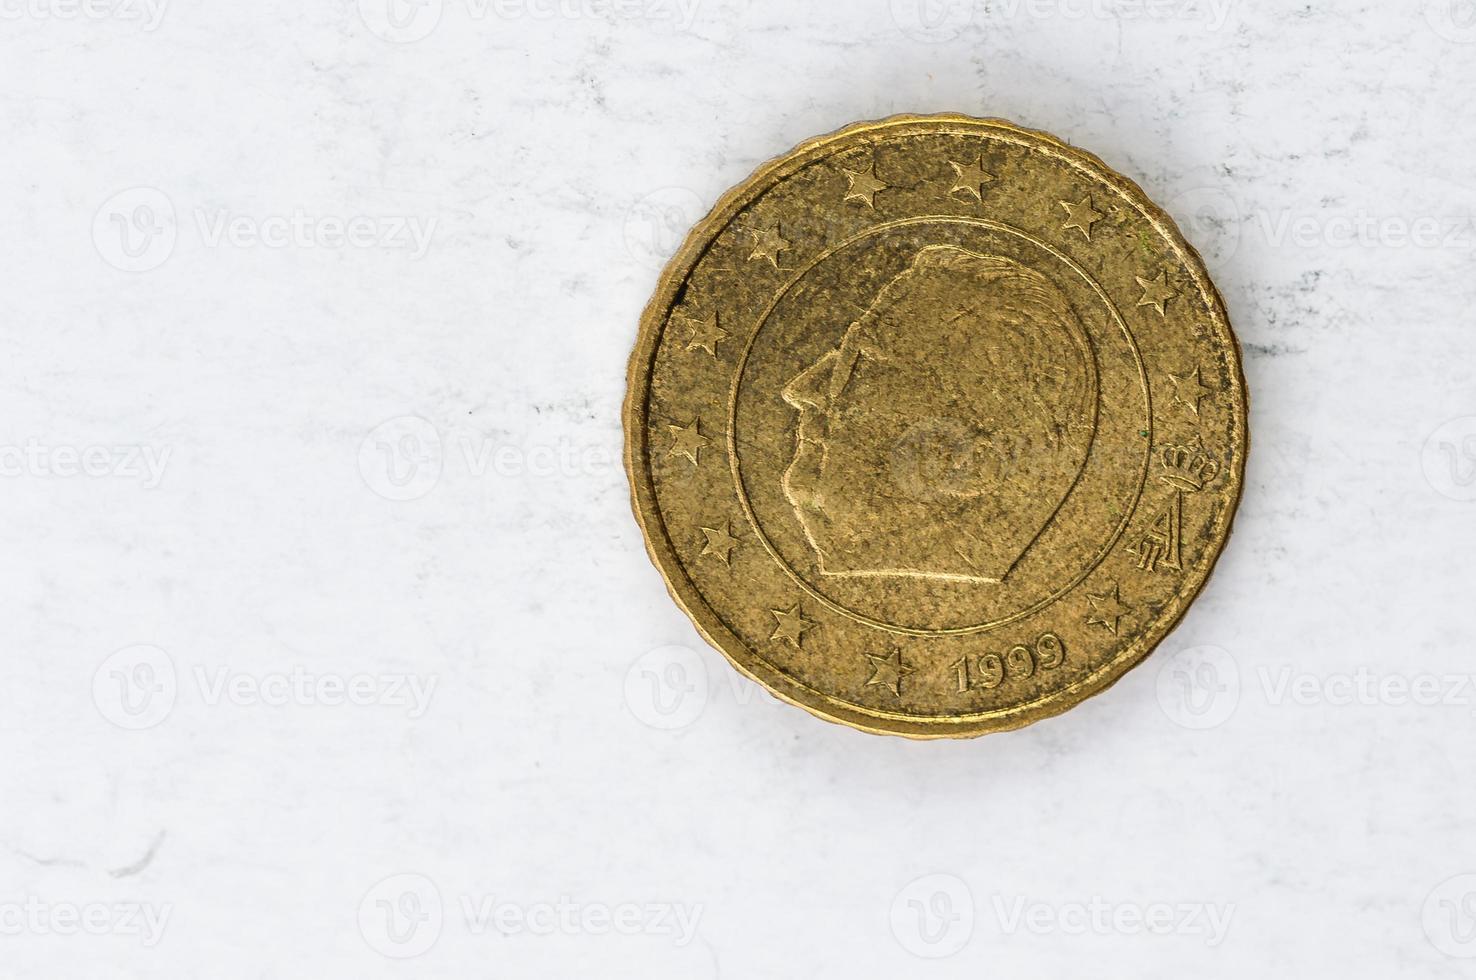 Pièce de 10 centimes d'euro avec face arrière utilisée en Belgique photo